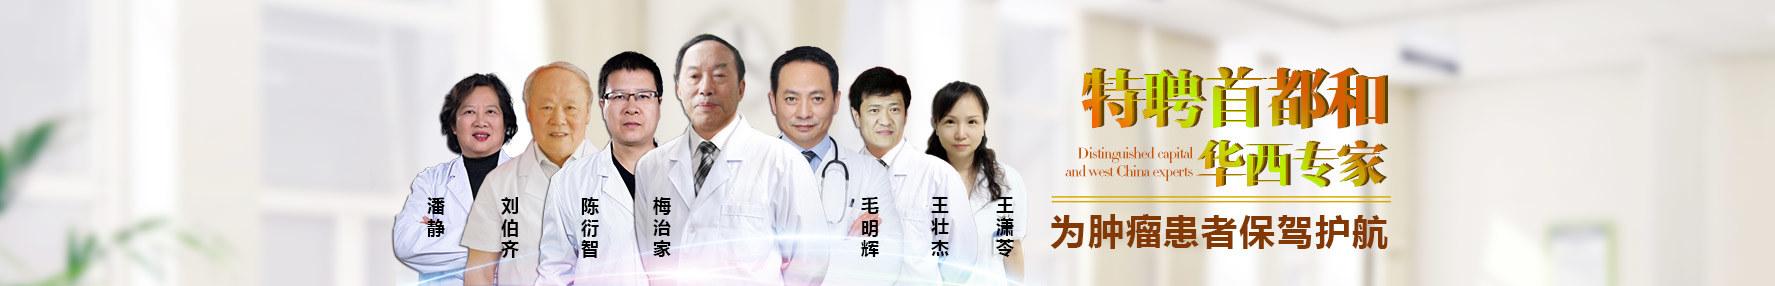 成都西区医院肿瘤科